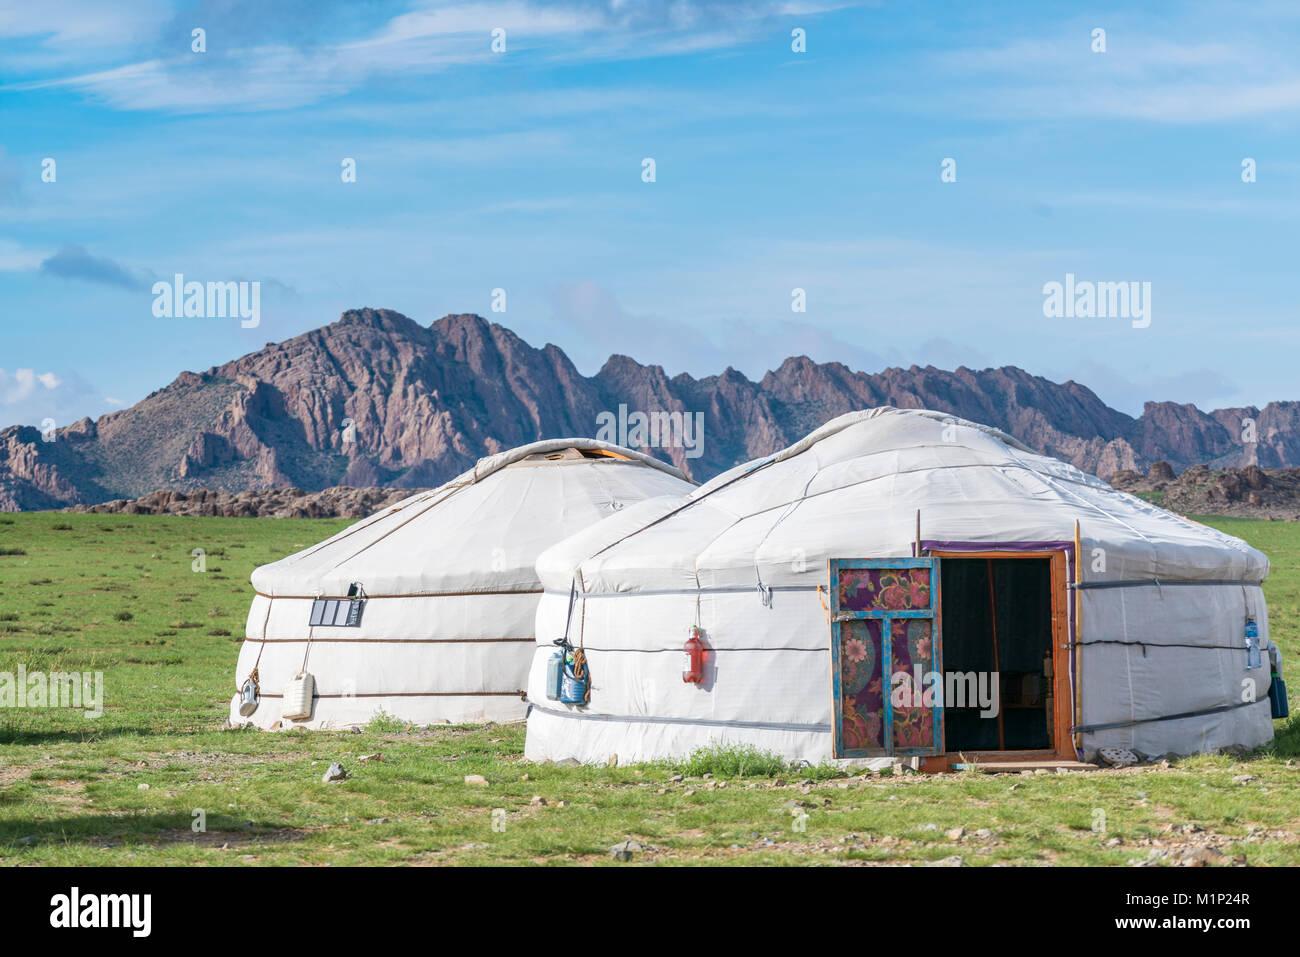 Mongolische Gers und Bergen im Hintergrund, Mitte der Provinz Gobi, Mongolei, Zentralasien, Asien Stockbild